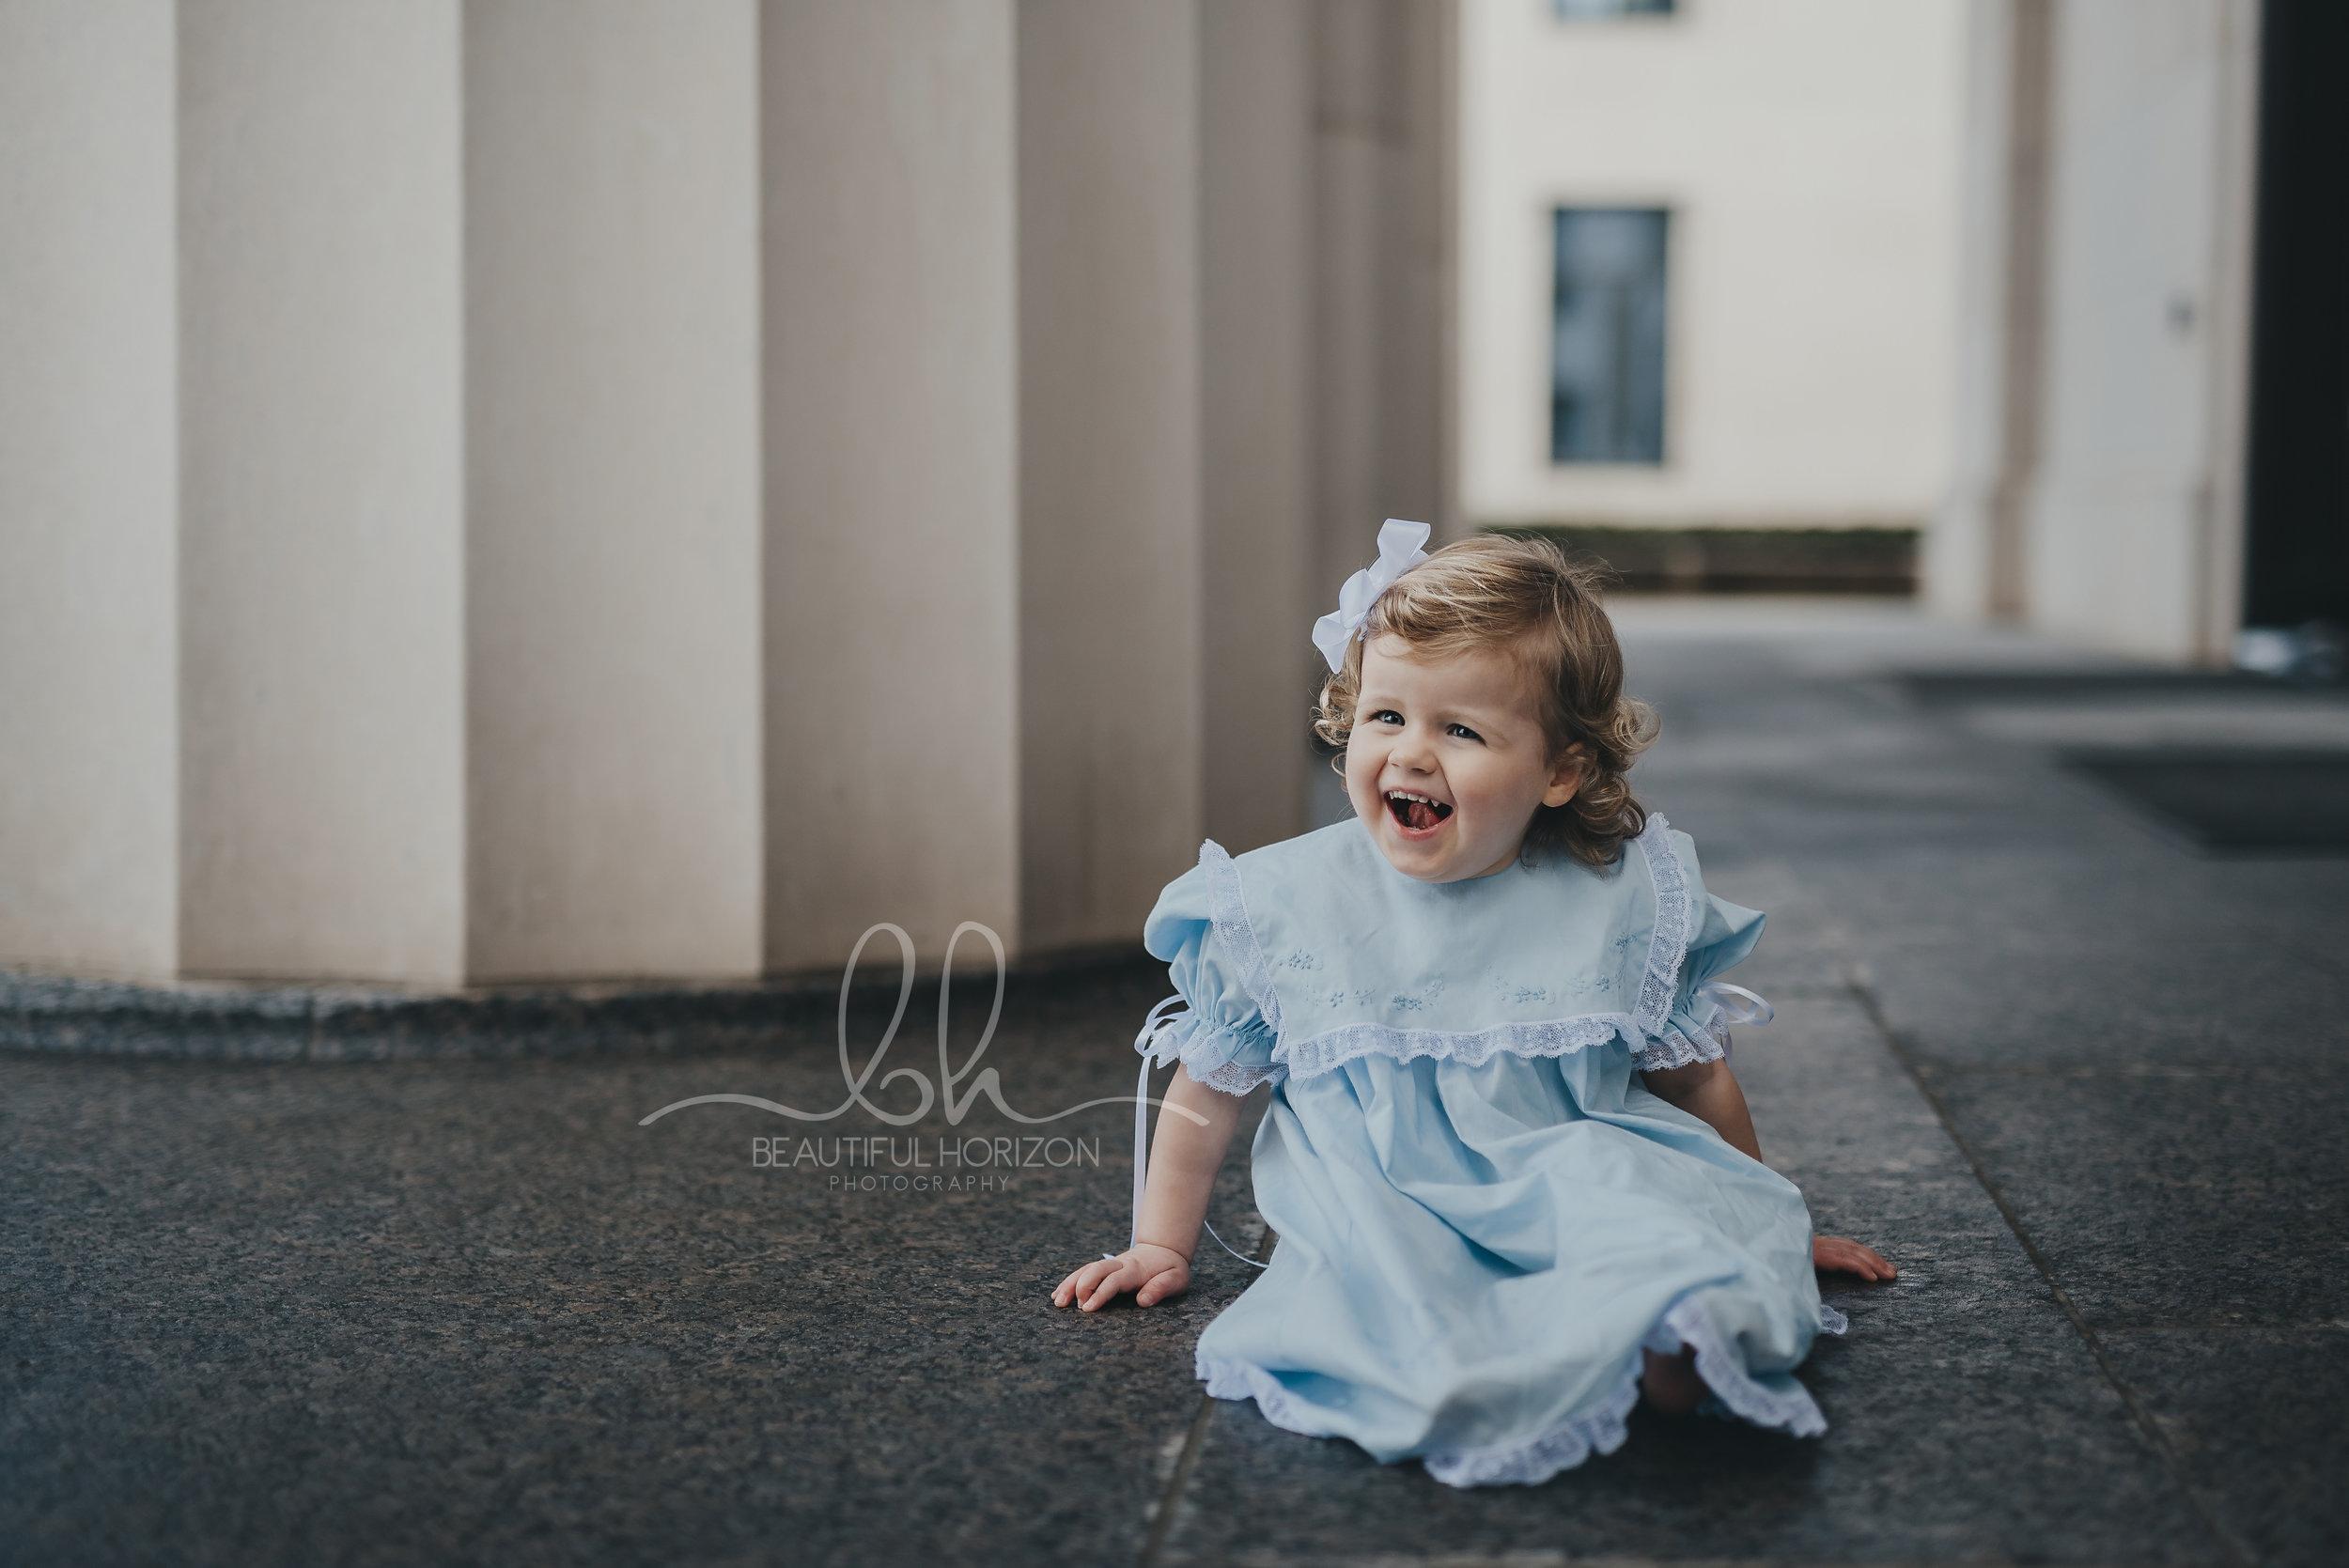 ©Beautiful Horizon Photography. Tuscaloosa, Birmingham Alabama Lifestyle Portrait Photographer. Milestone Photography.